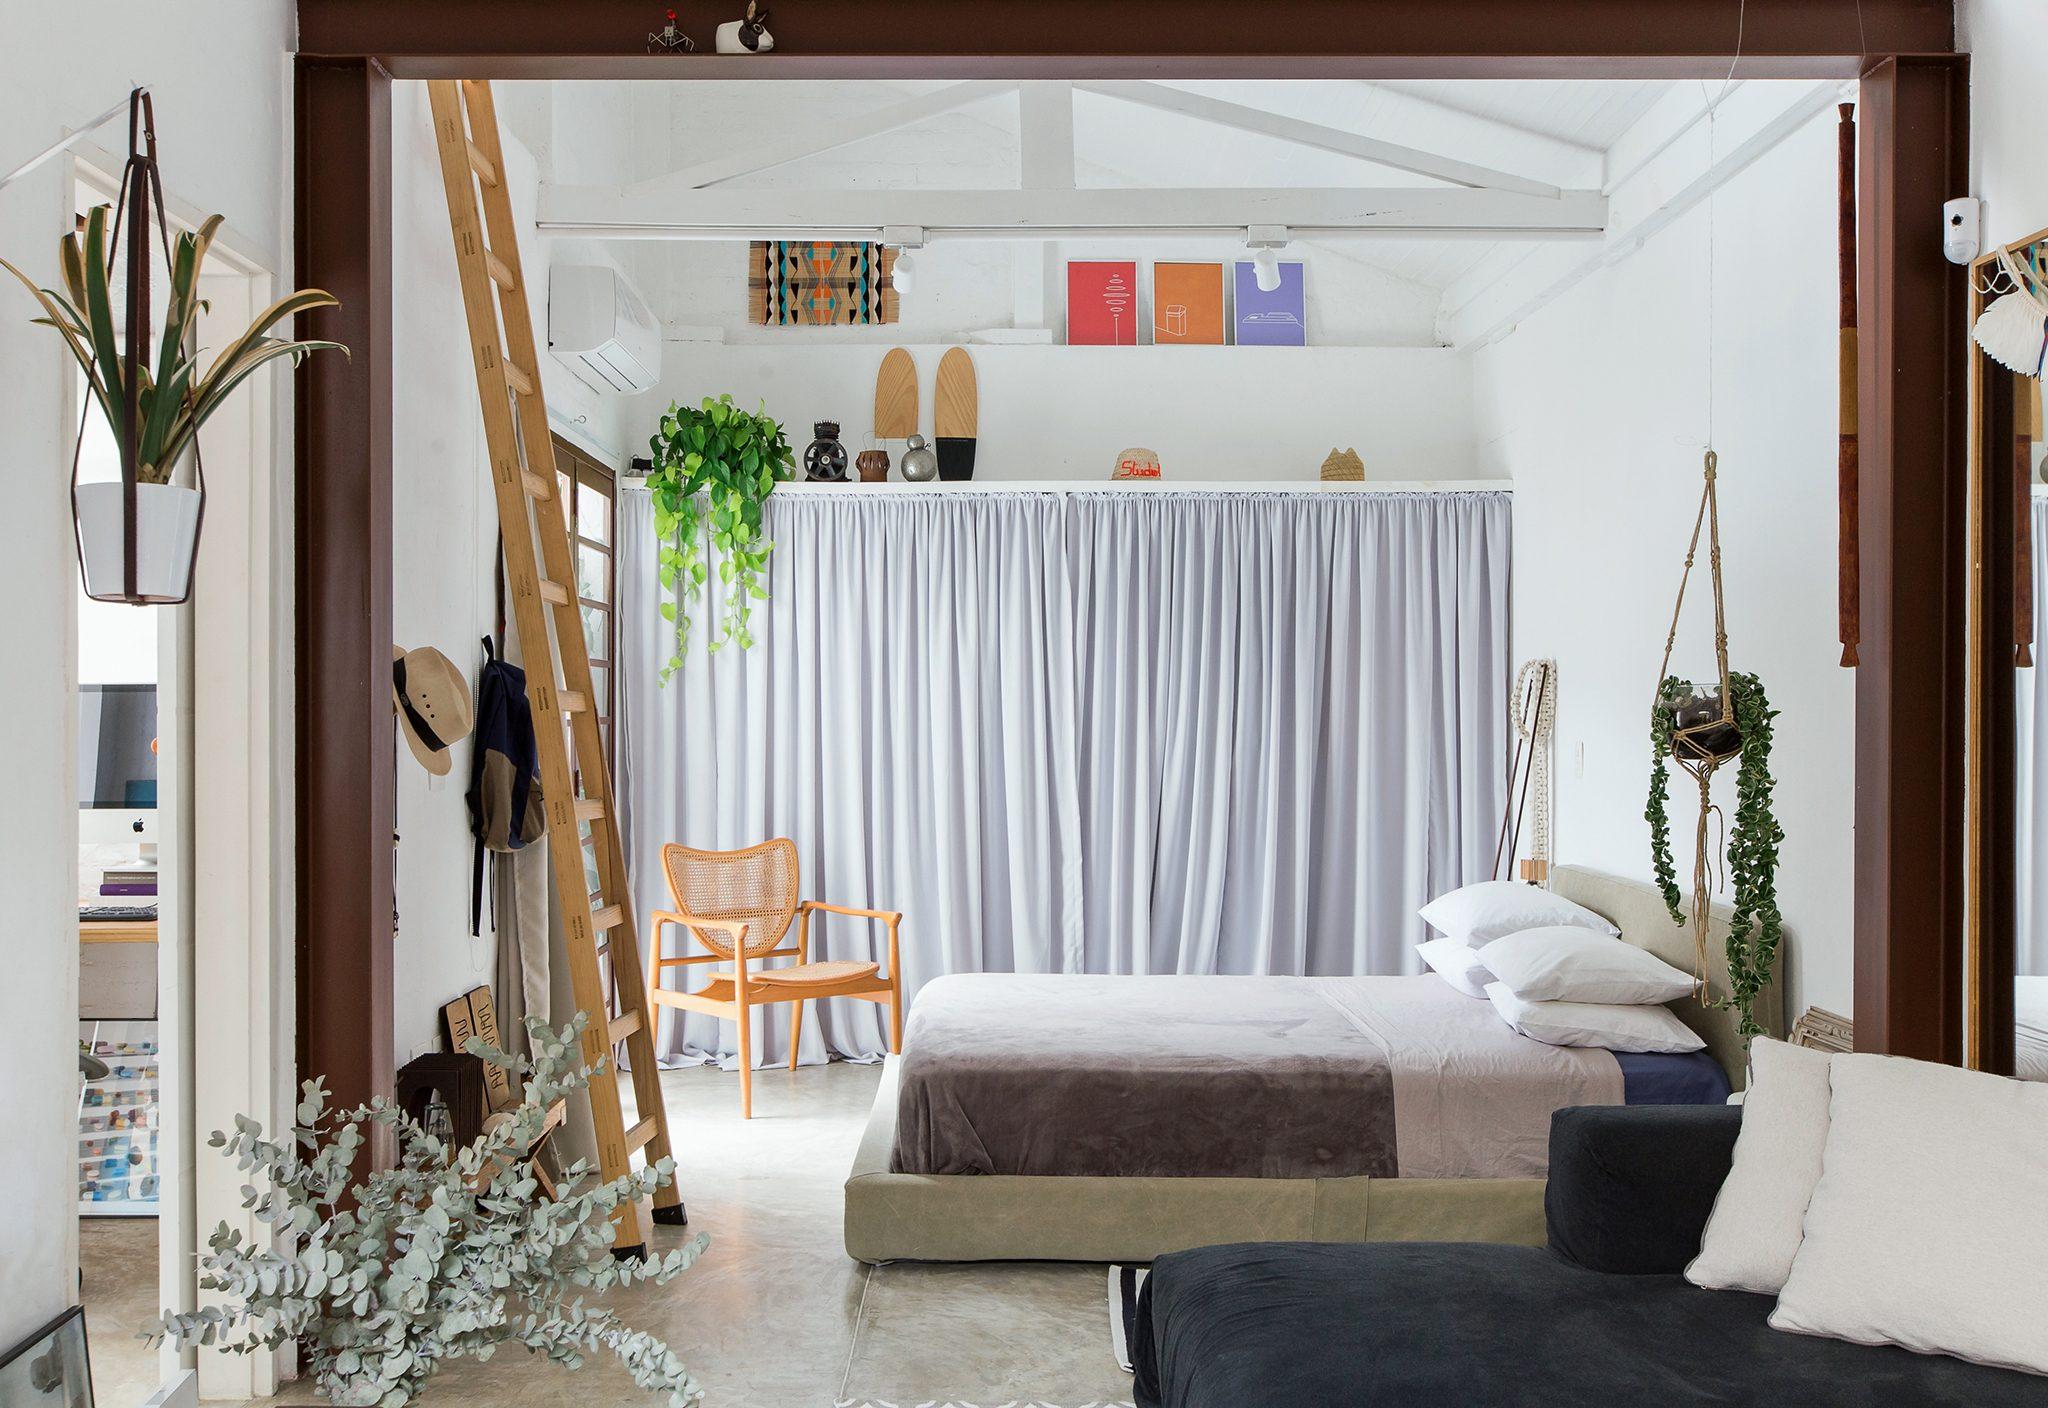 Casa estilo loft com espaços integrados